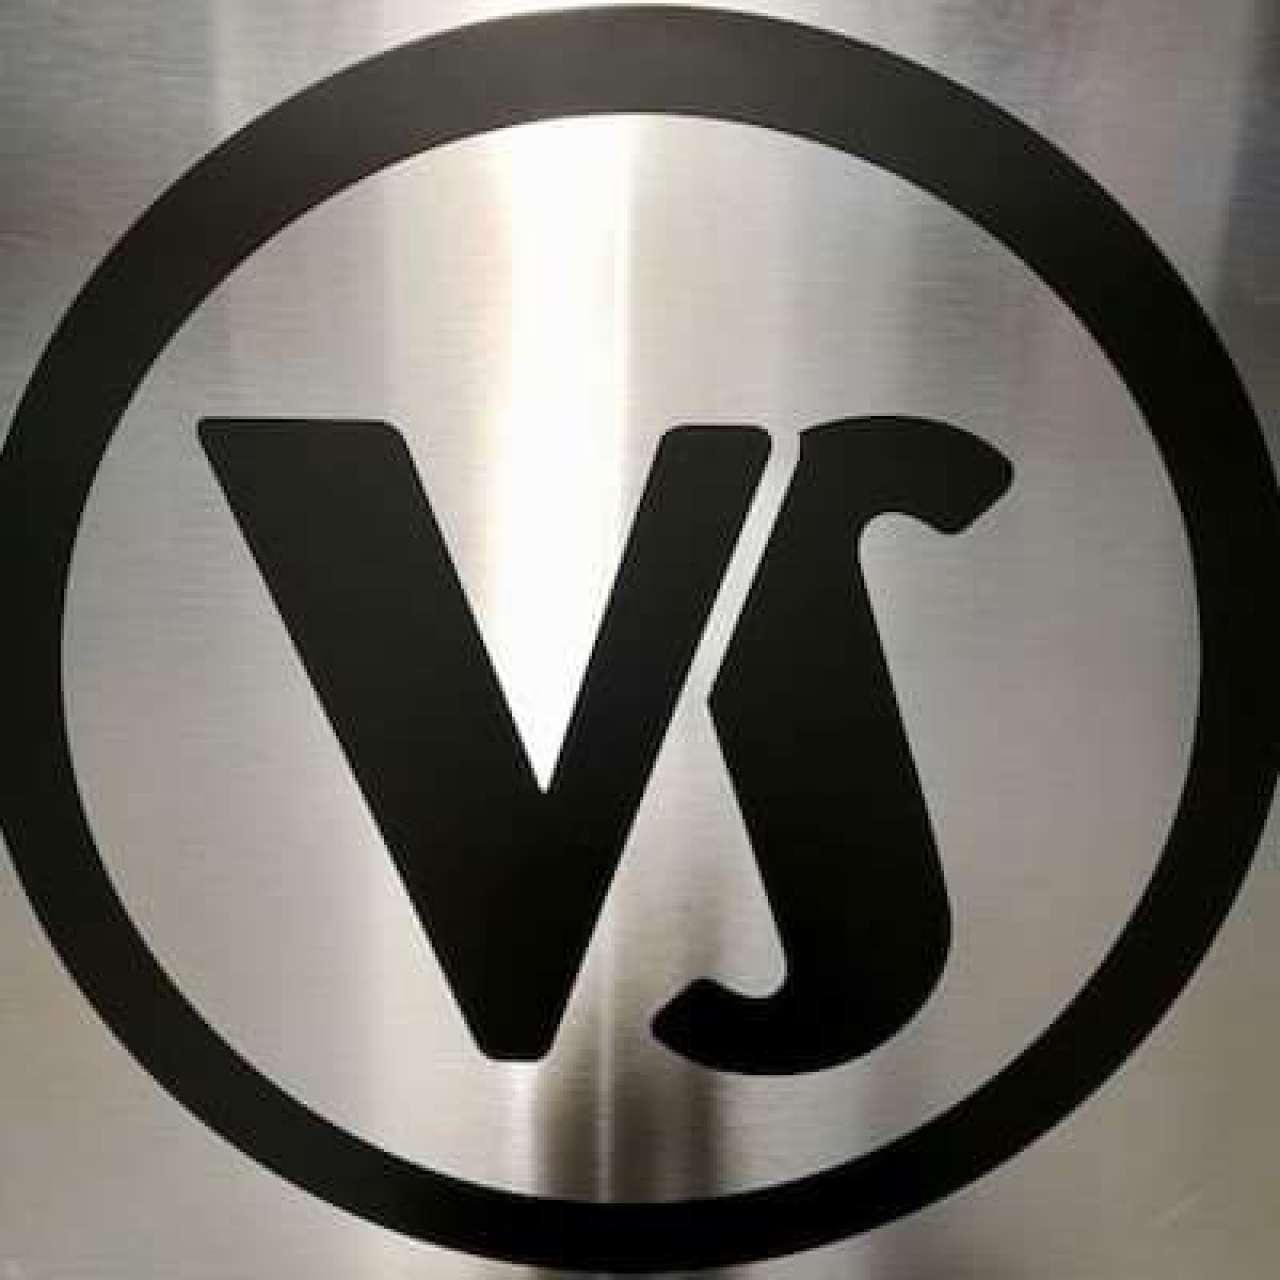 Boutique de vape spécialisée Vapot'Sphère située à VILLARD-BONNOT